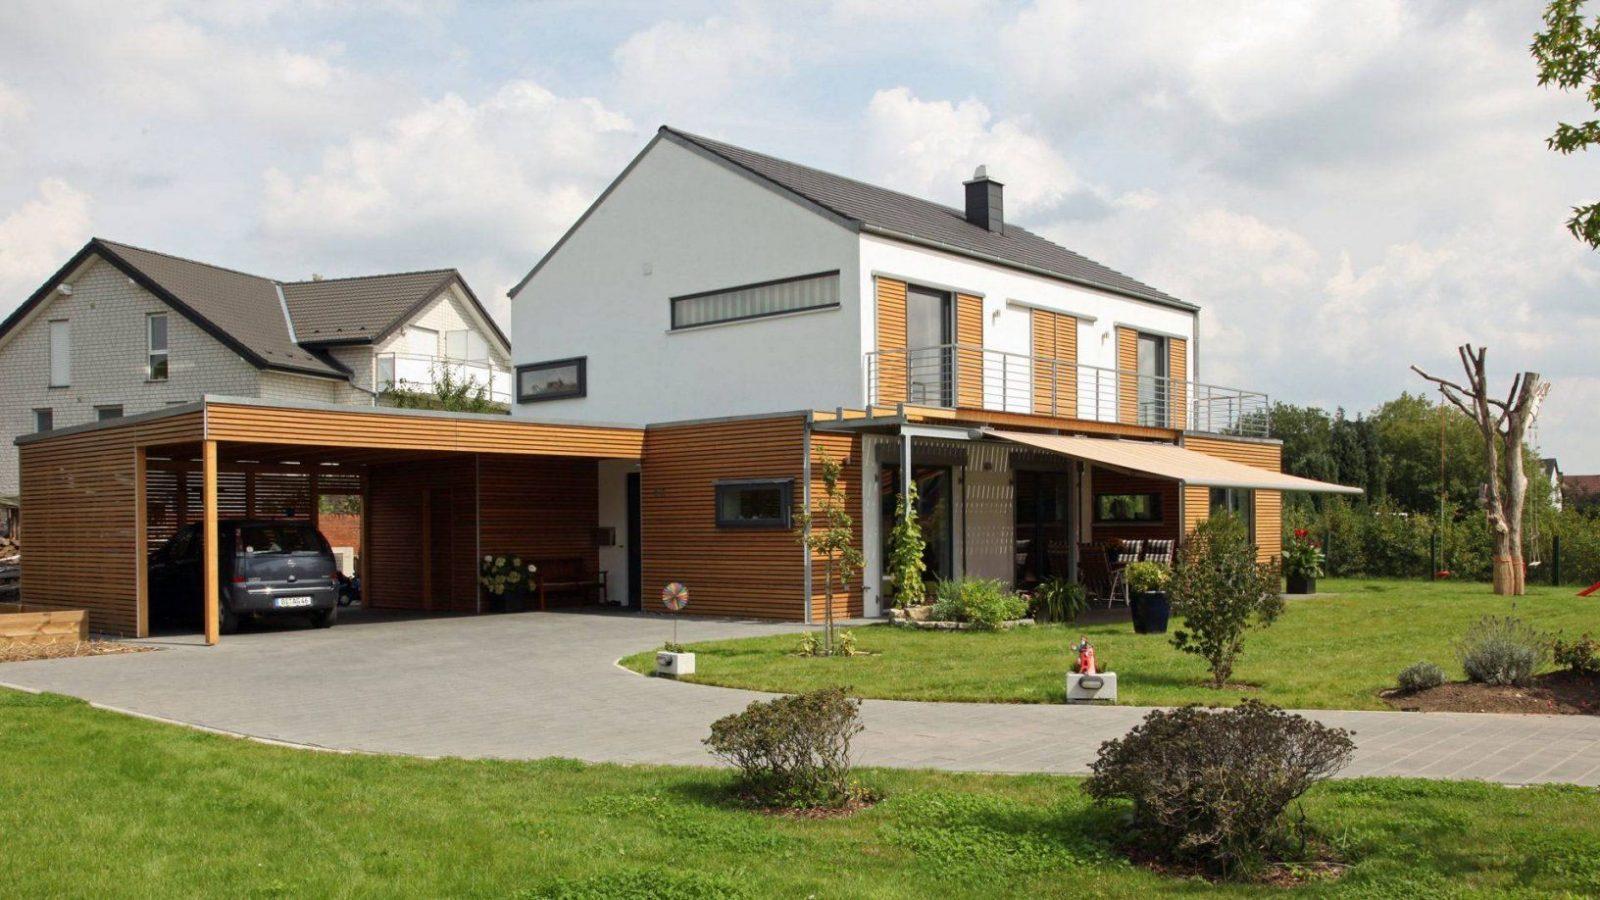 ᐅ Haus Mit Einliegerwohnung Bauen Häuser Anbieter & Preise von Wie Plane Ich Ein Haus Bild